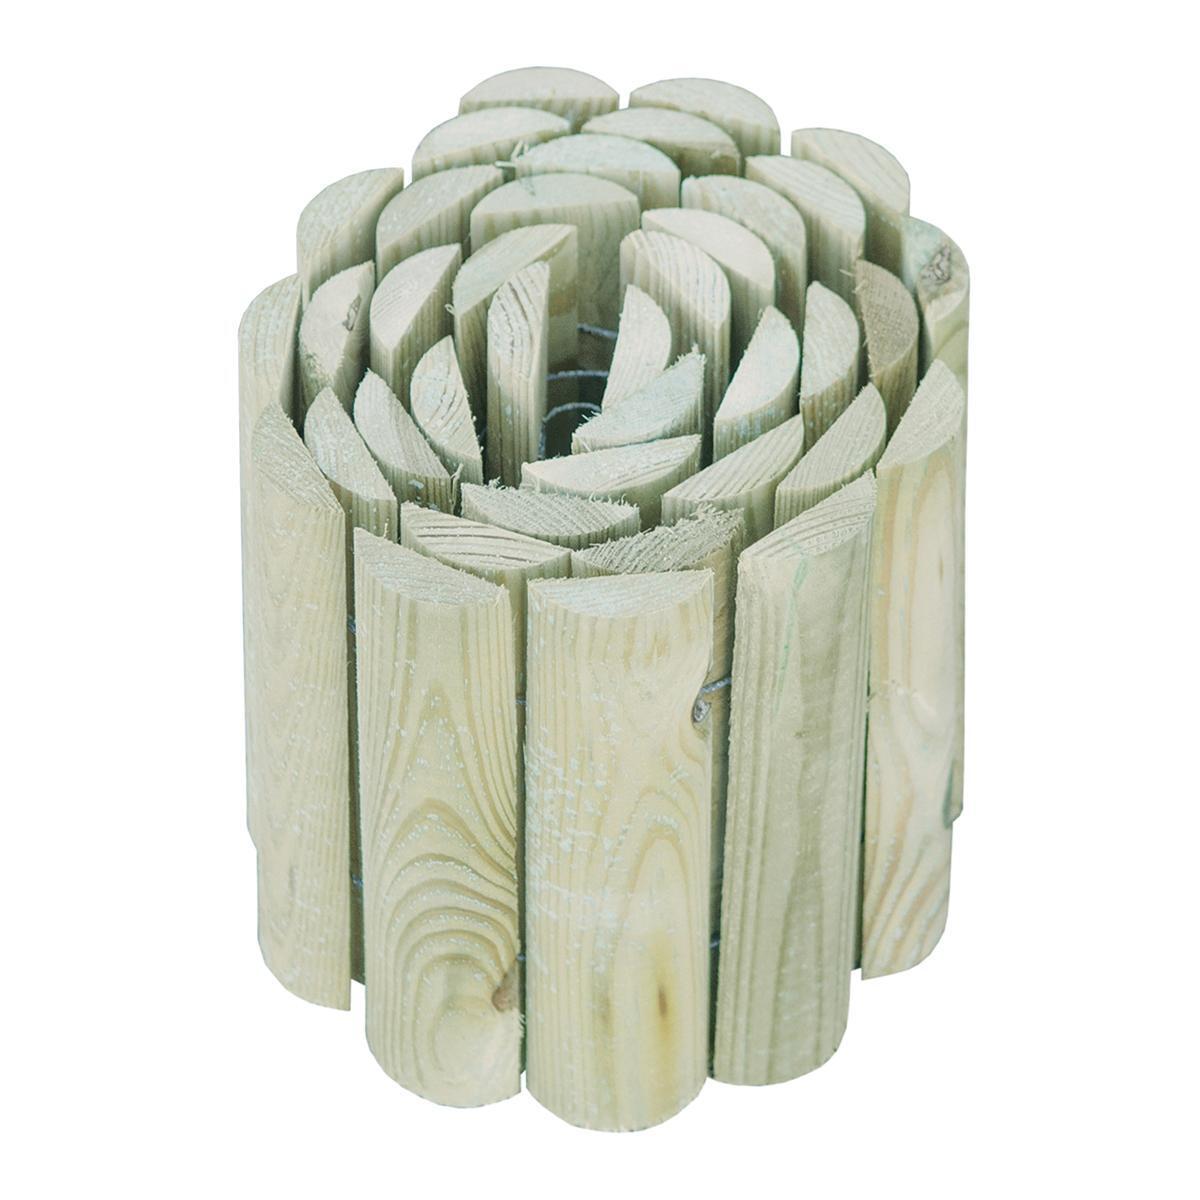 Bordura in rotolo in legno L 180 x H 20 cm Sp 1.4 cm - 1